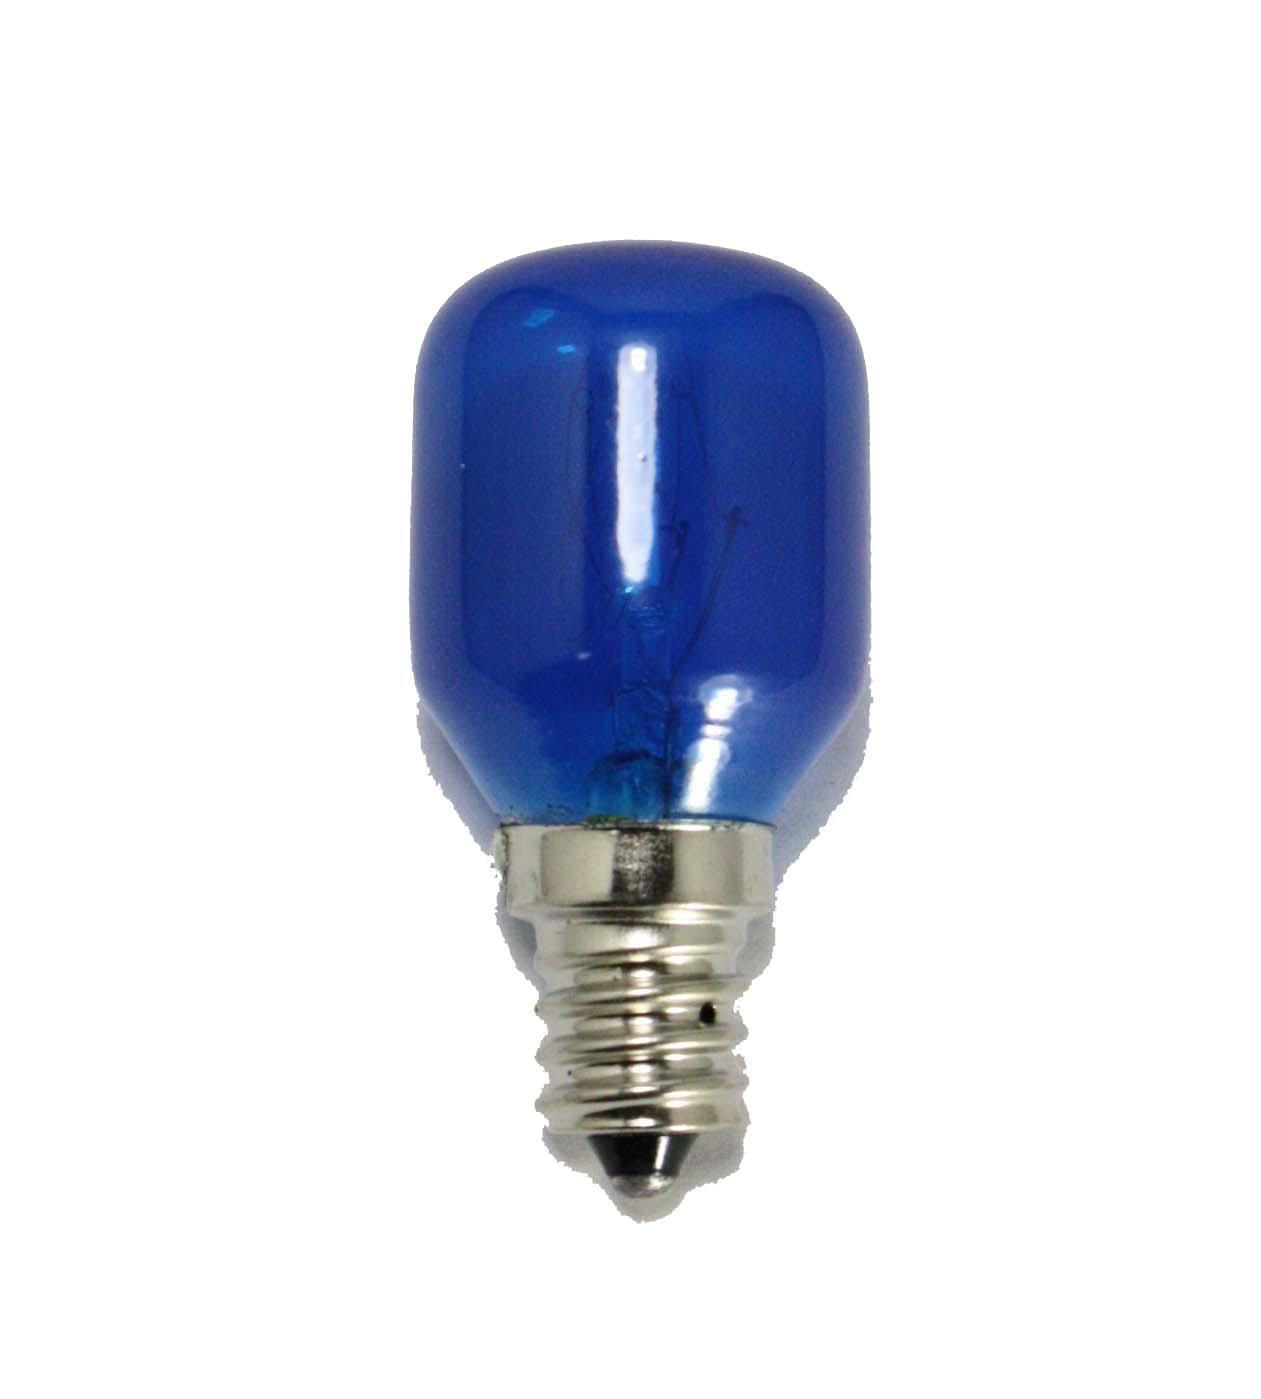 Salt Lamp Blue Bulb : Quanta Catalog